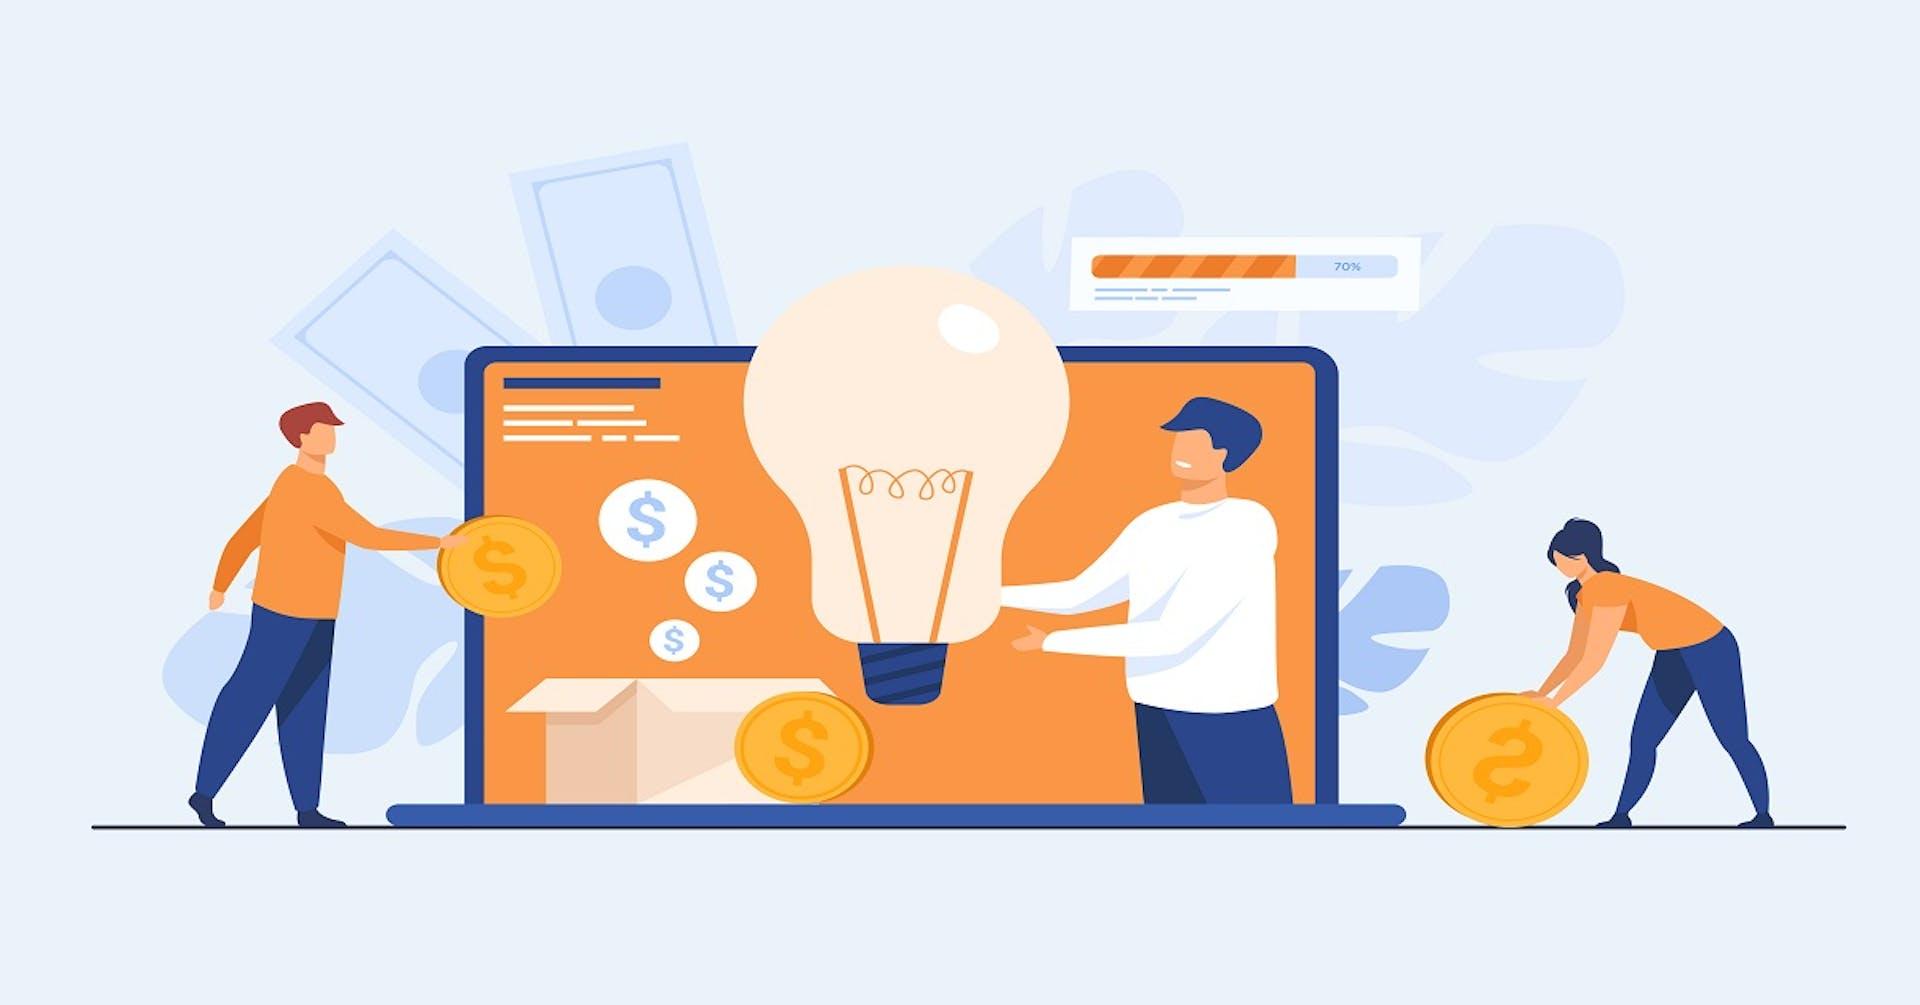 ¿Cómo funciona Patreon?: Aprende a monetizar tus habilidades